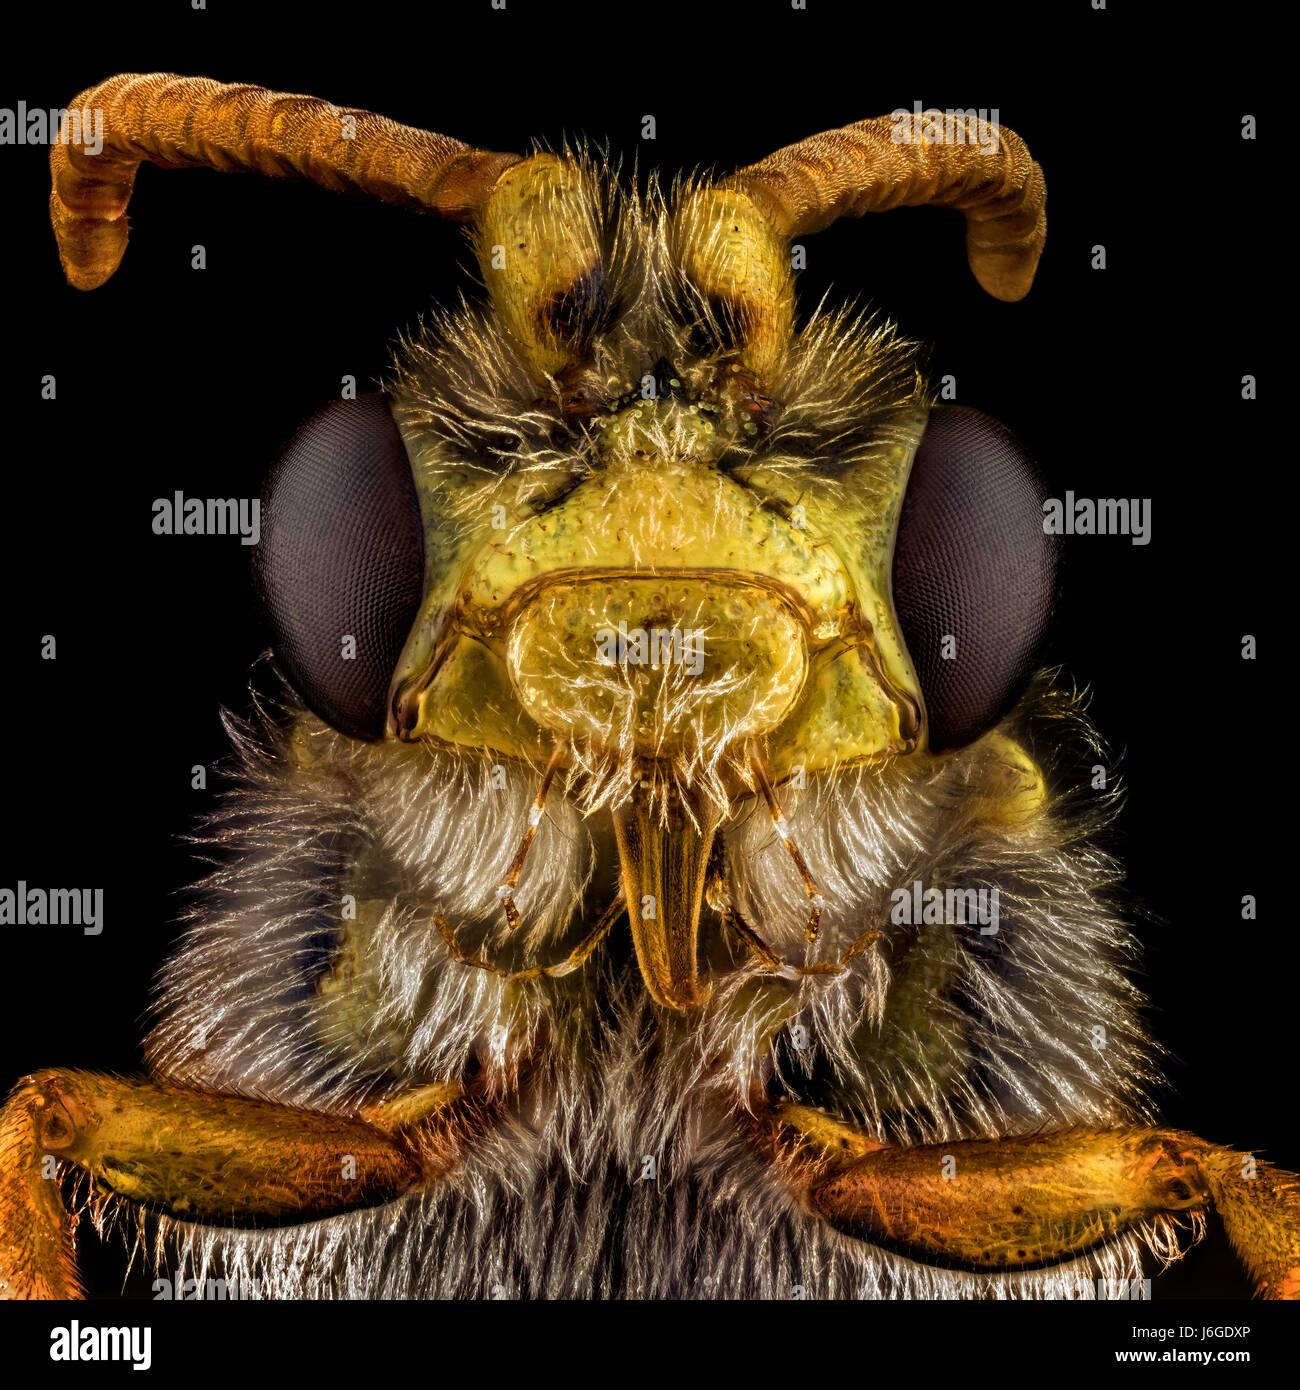 Extreme Makro-Porträt einer Biene, die durch ein Mikroskopobjektiv vergrößert. Stockbild